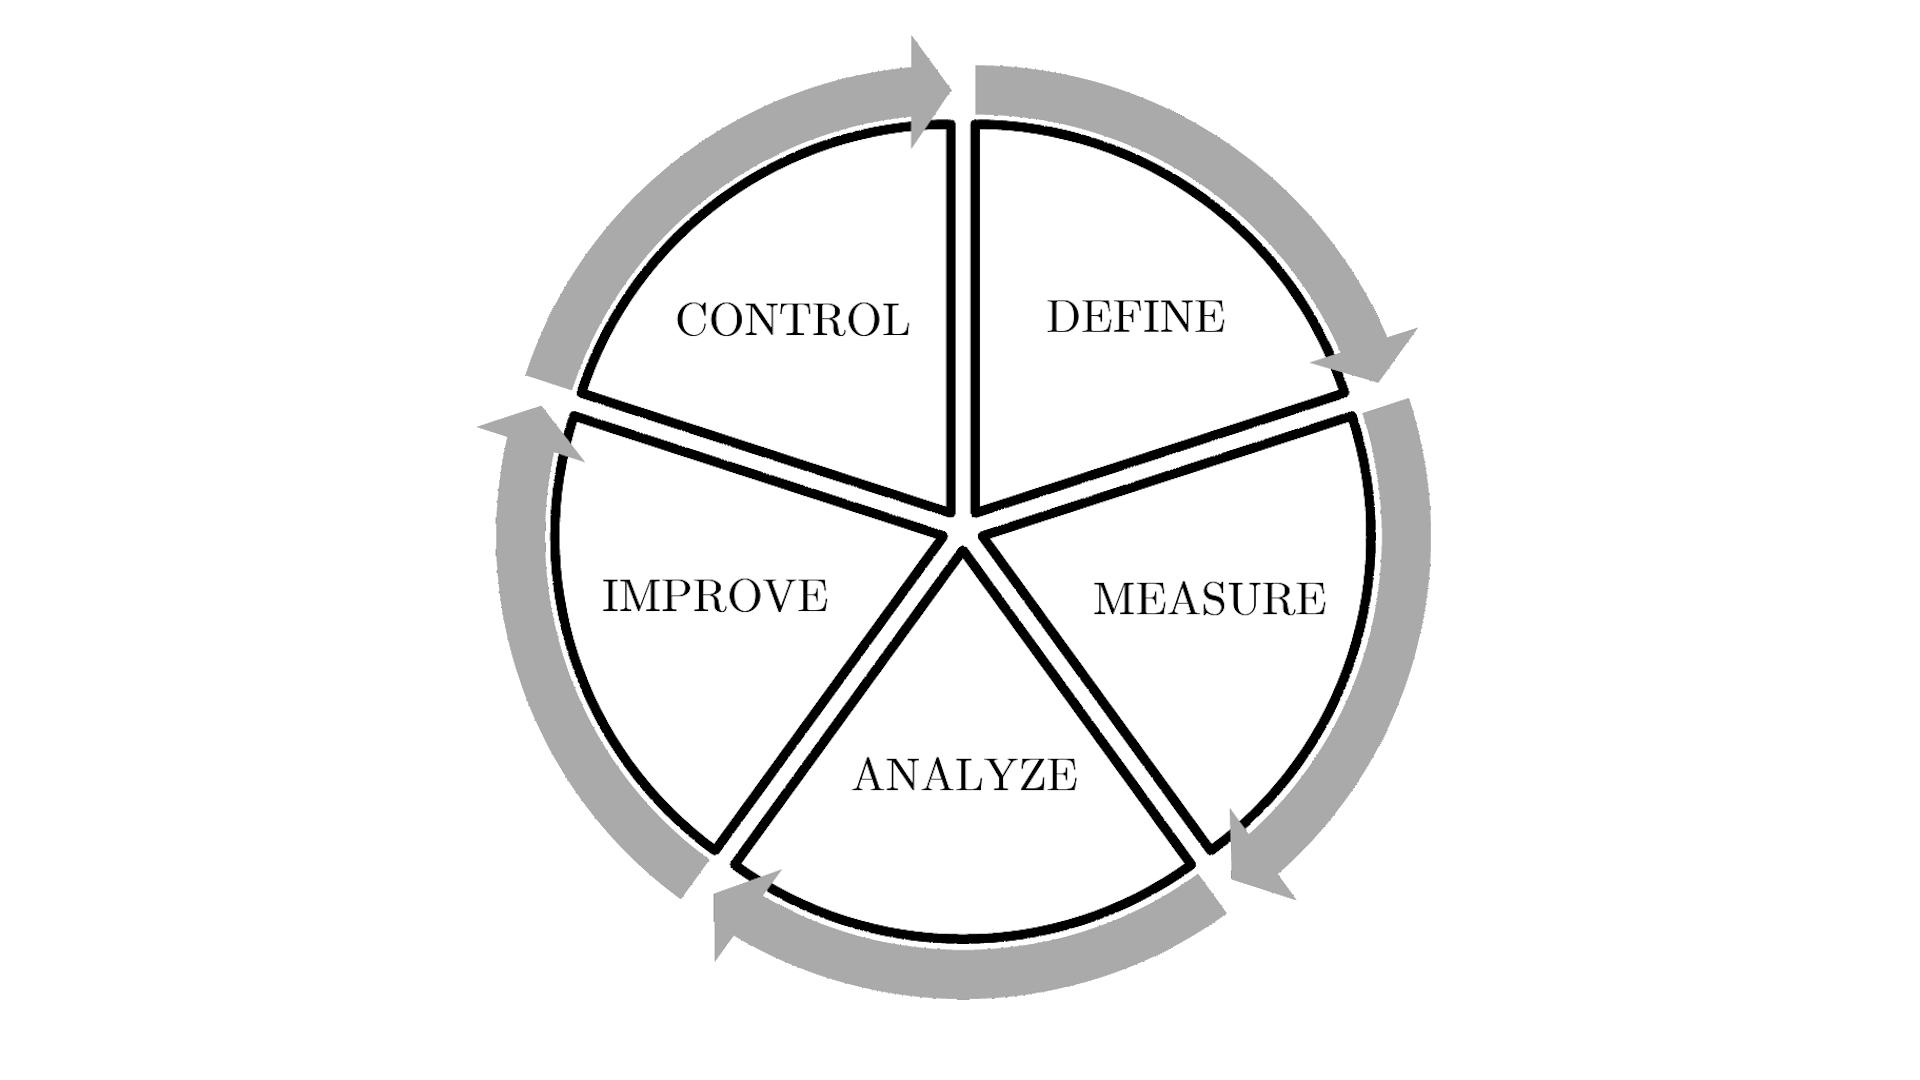 DMAIC loop